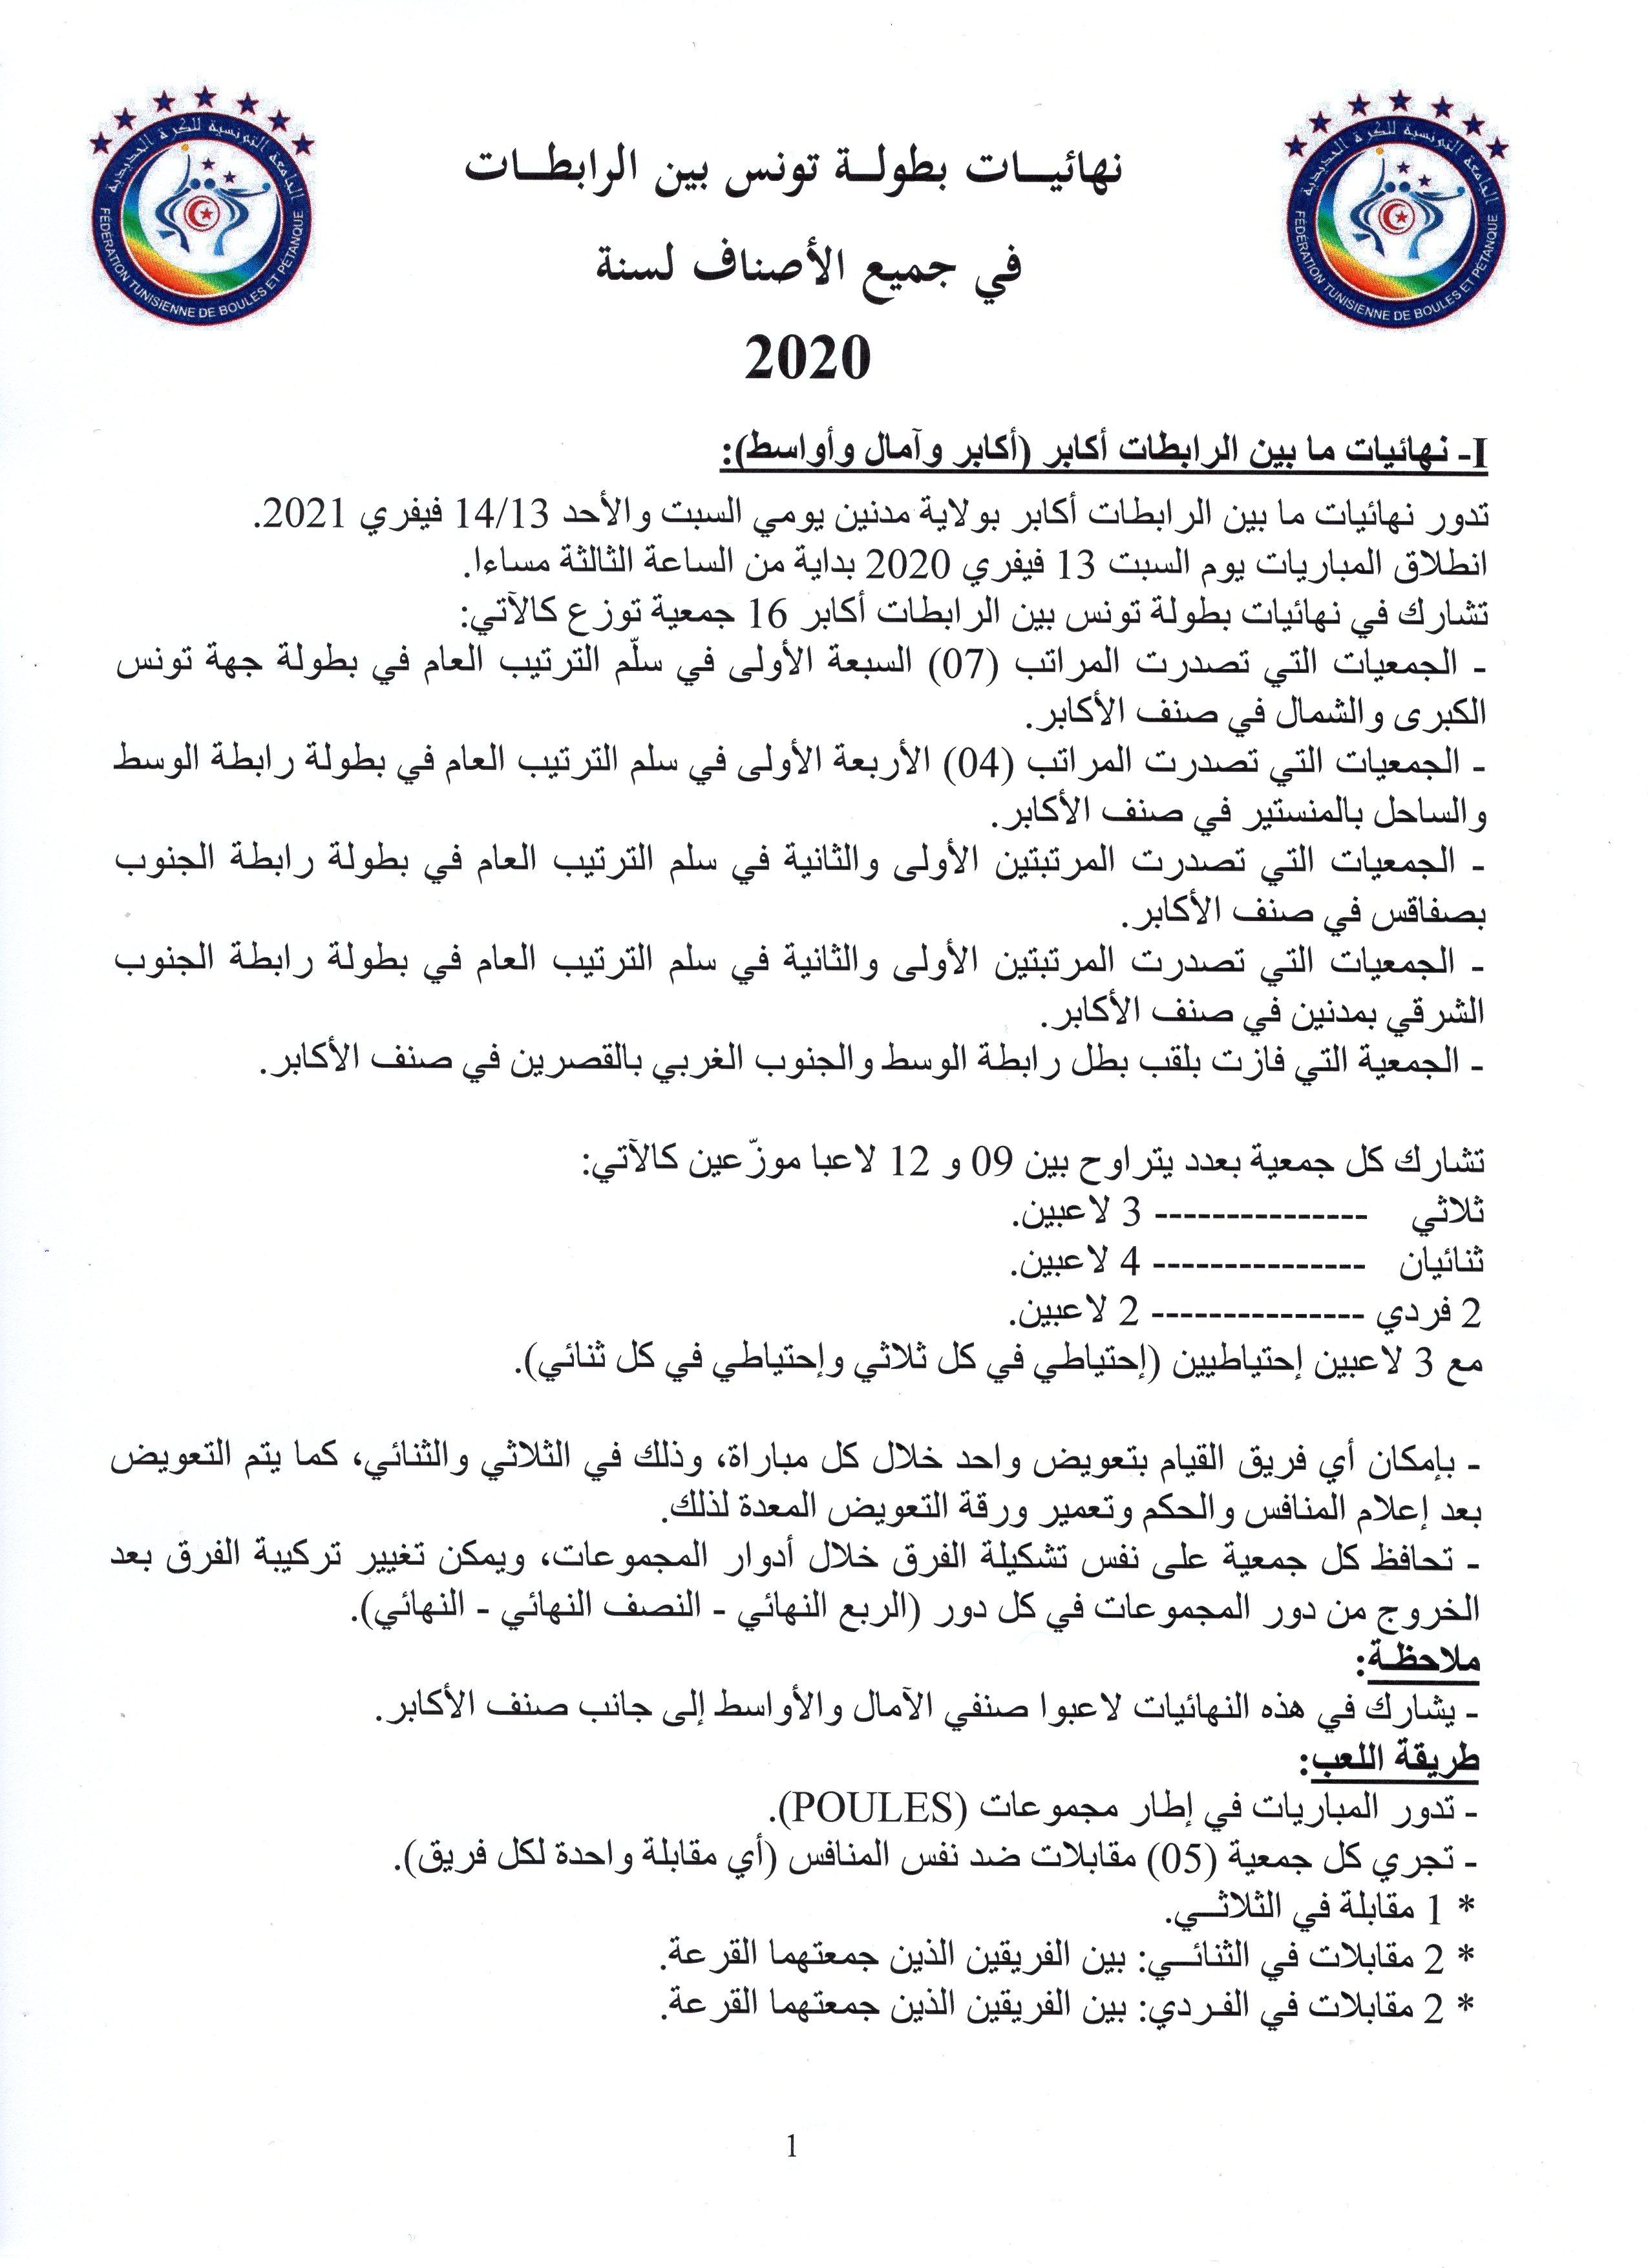 القوانين الفنية لنهائيات بين الرابطات 2020 (1(